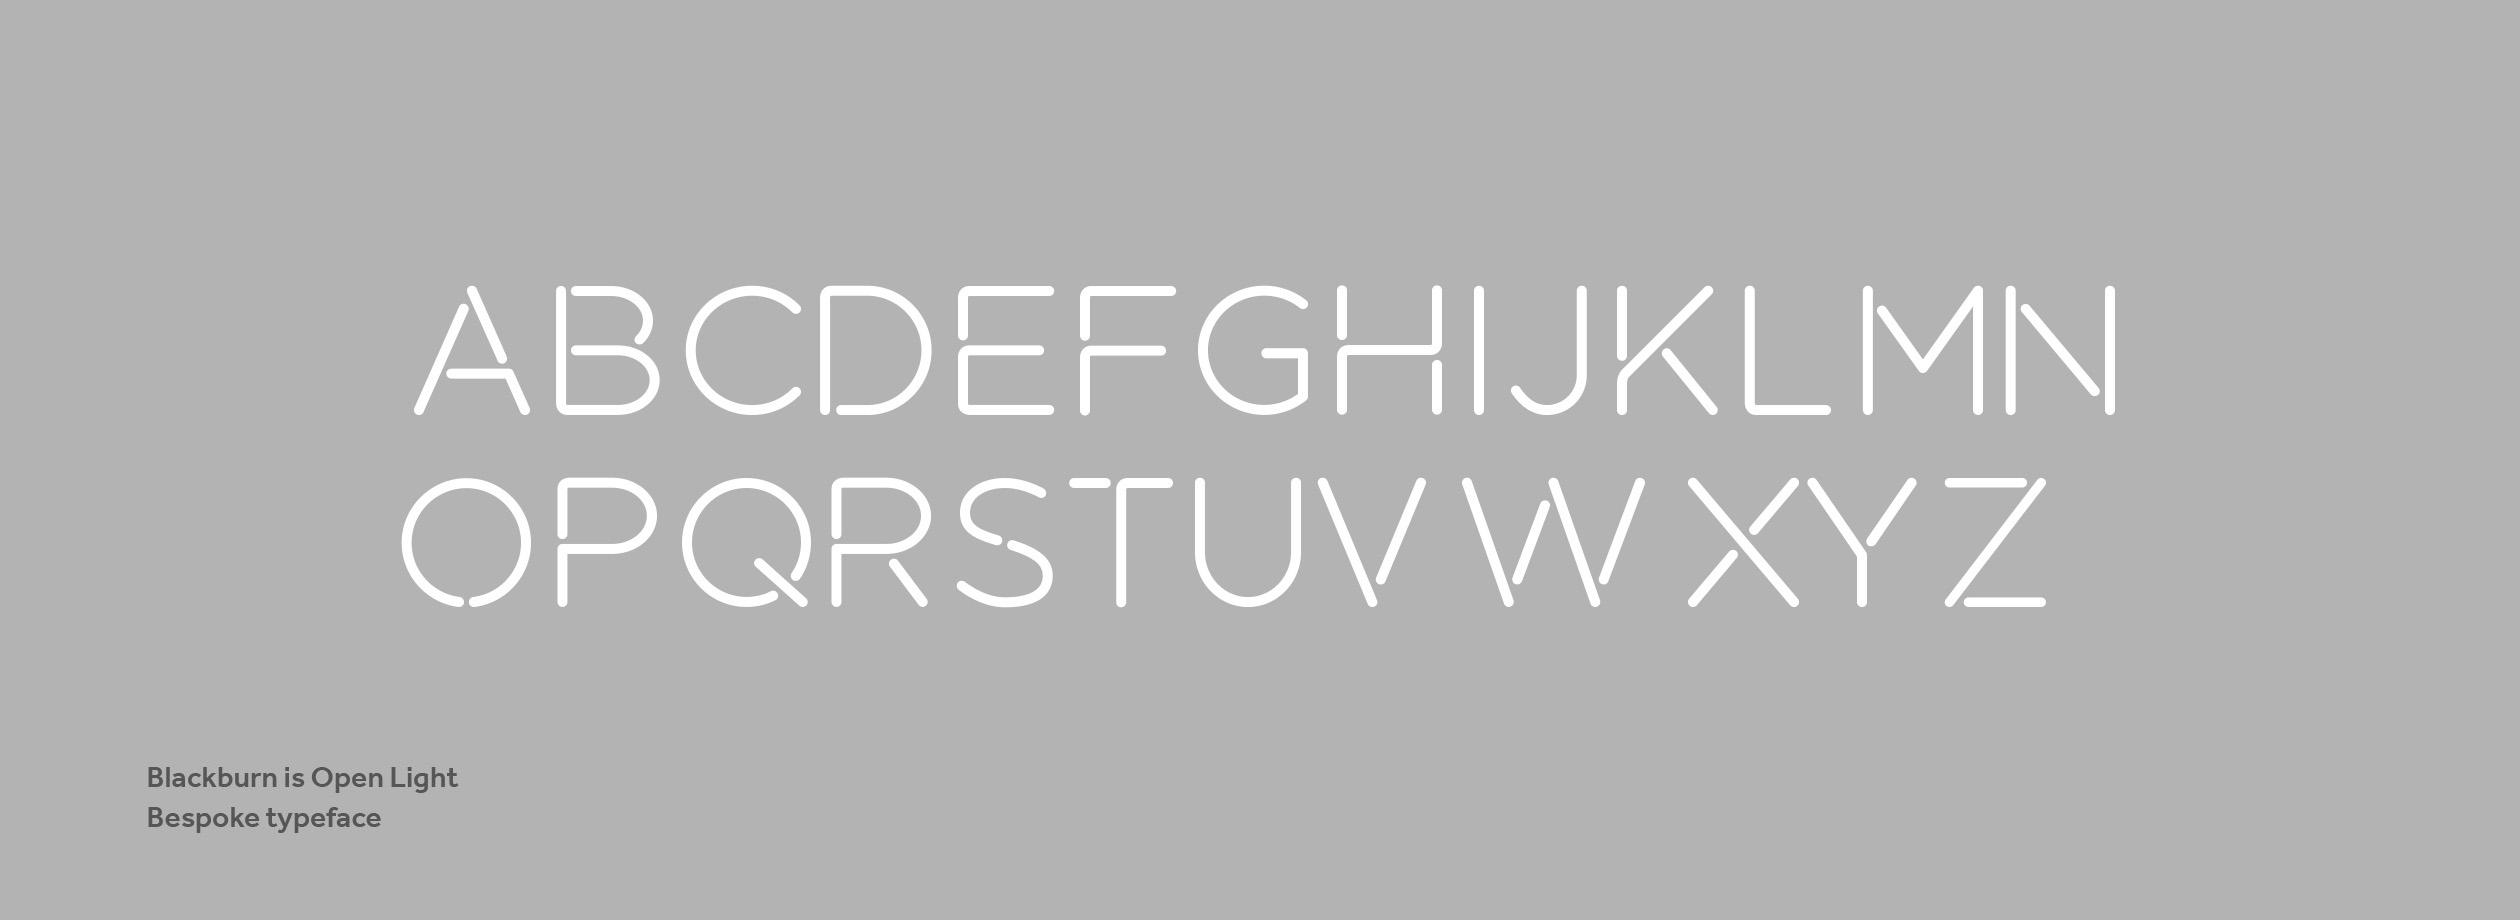 BIO-Typeface-021